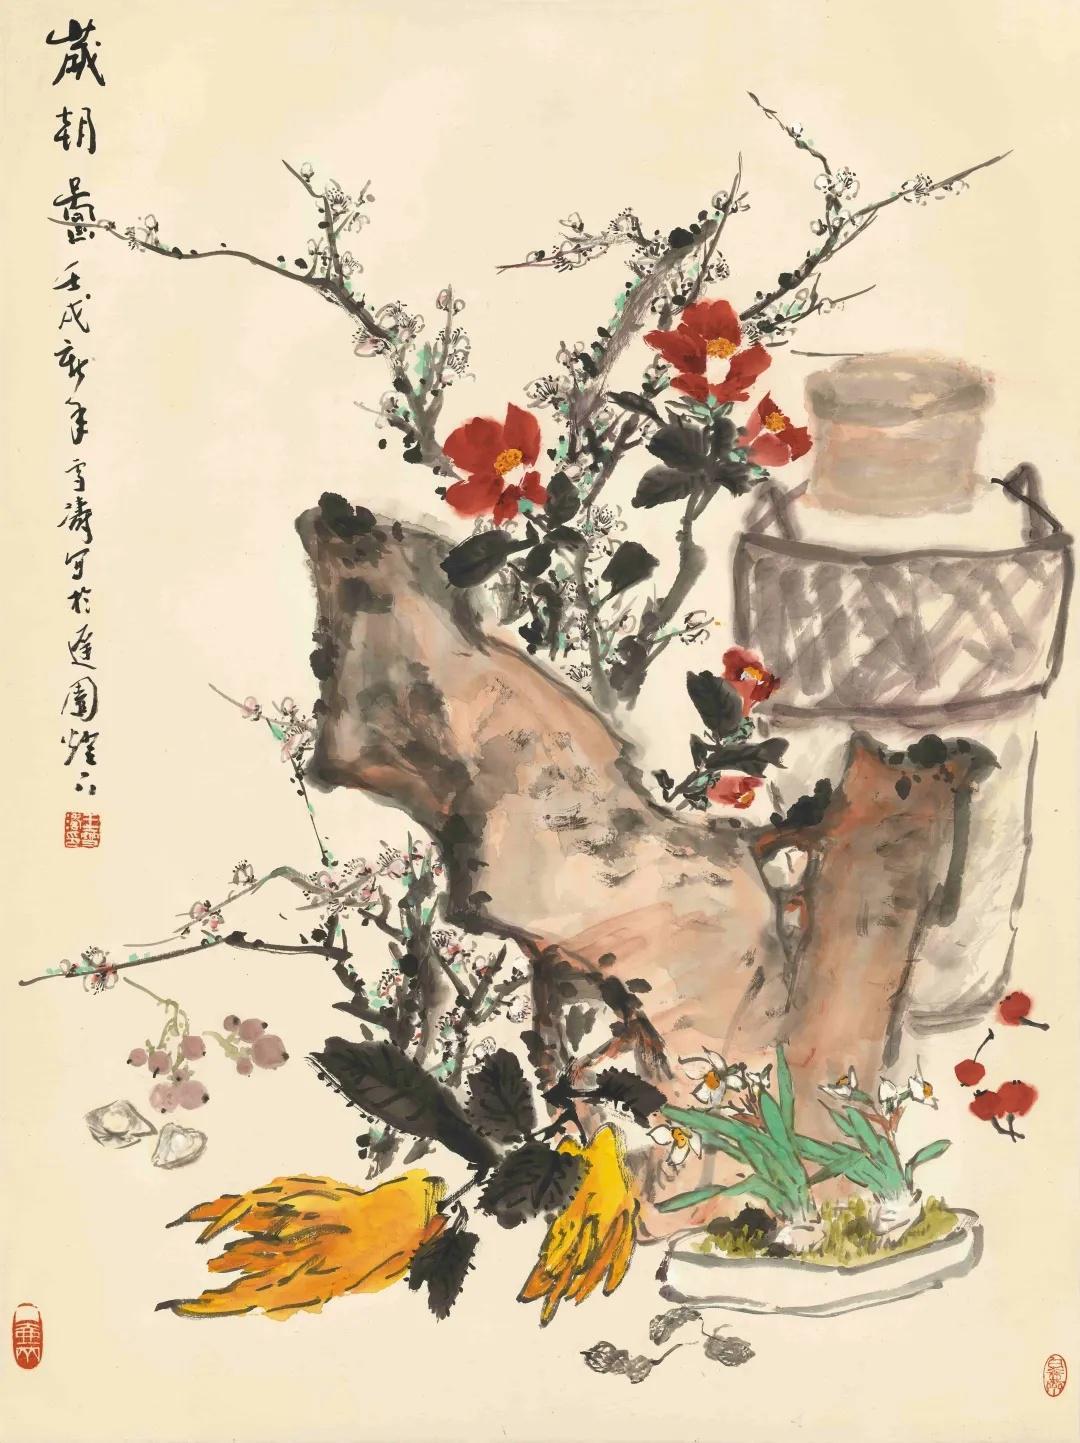 王雪涛的画笔墨技艺娴熟,而且具有高度敏锐的艺术感知力……